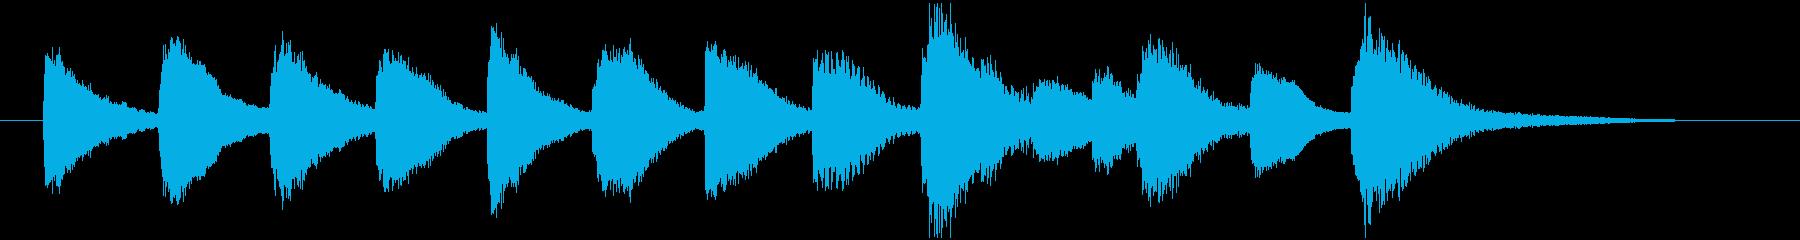 半音階で下がるかわいい場面転換の再生済みの波形